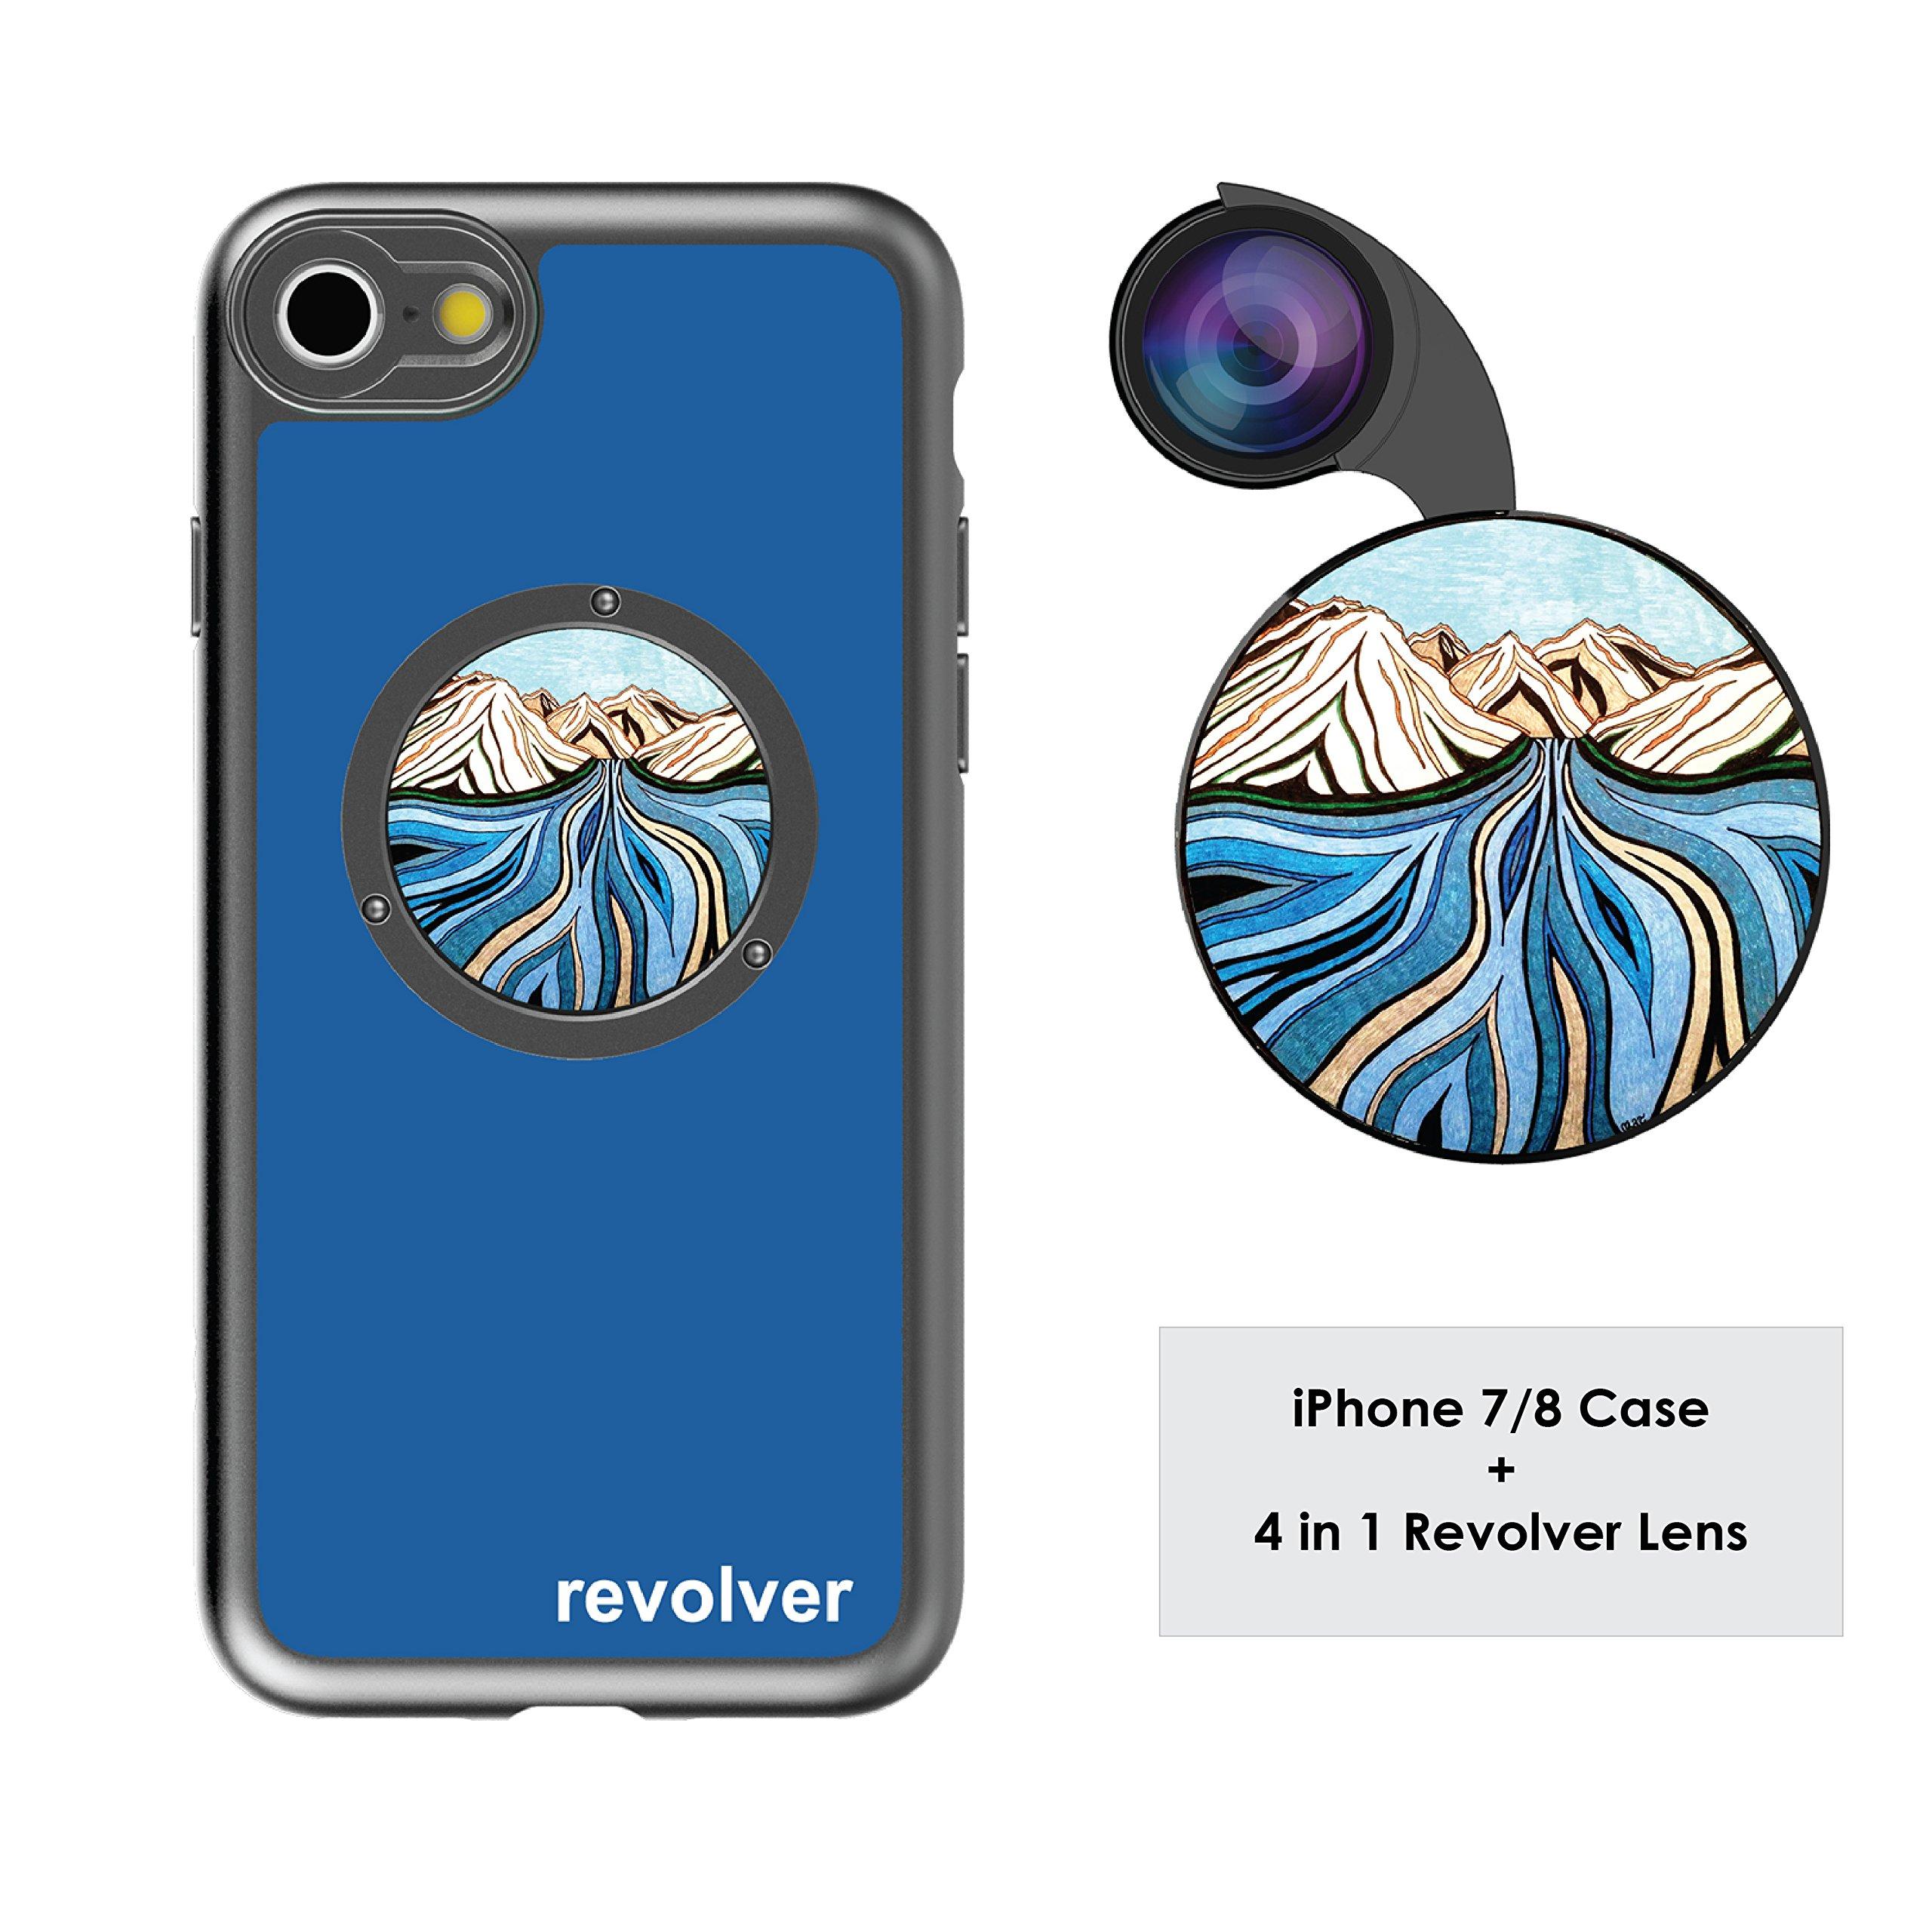 Funda y 4  Lentes Ztylus Revolver p/ iPhone 7/8 - Glacial...